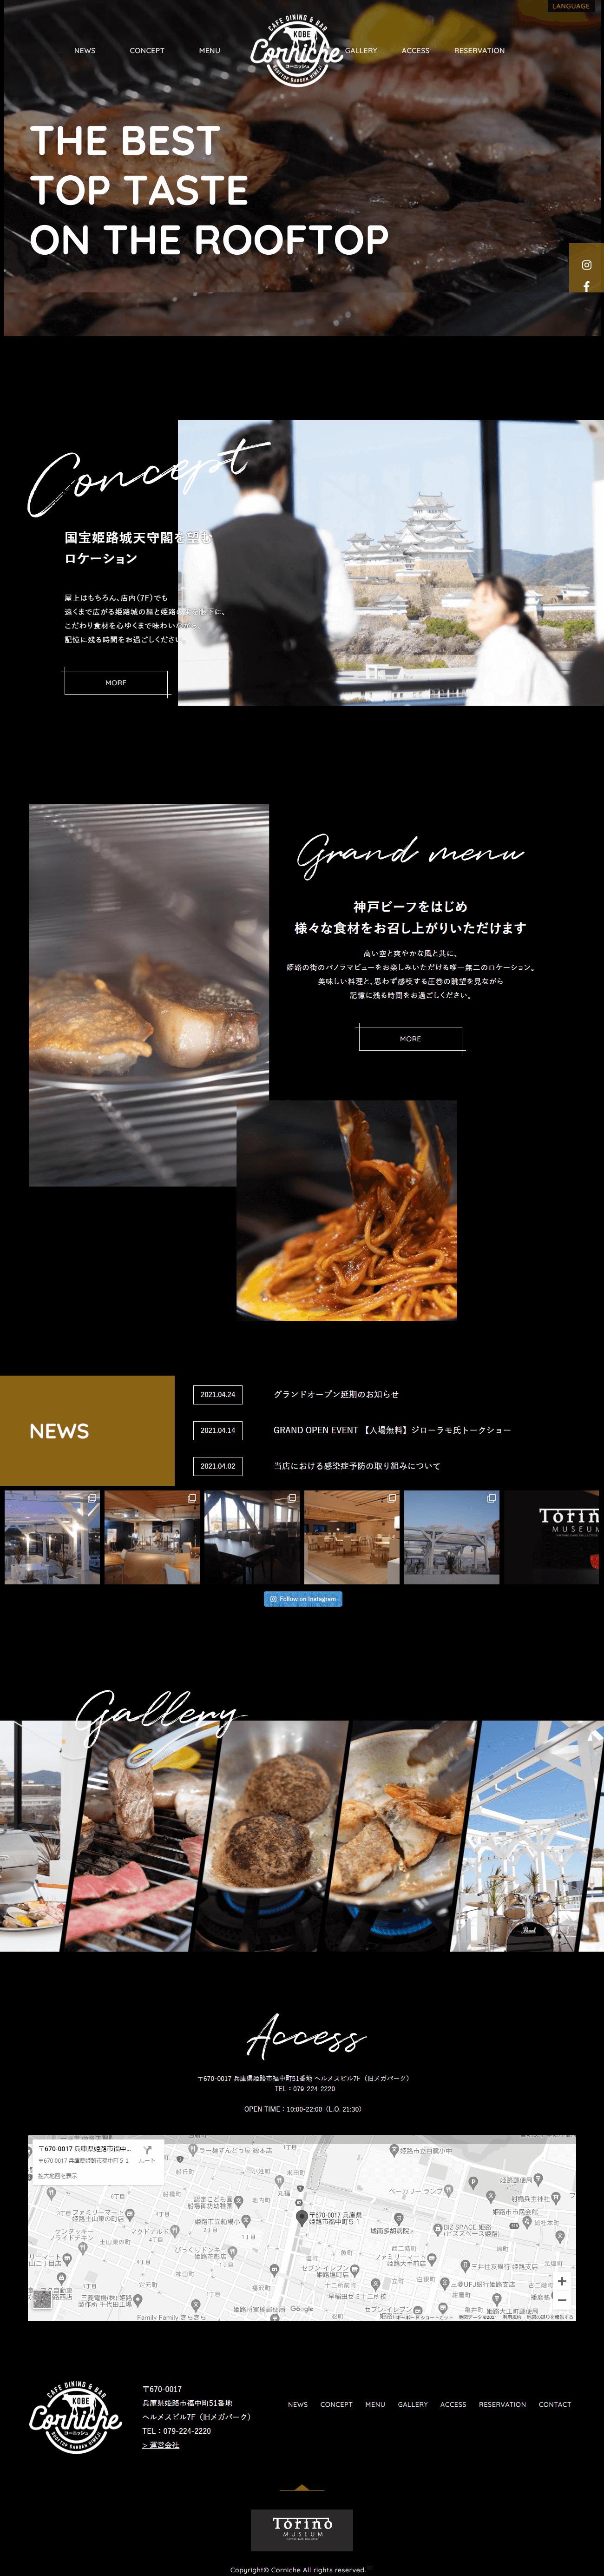 姫路市 カフェダイニング&バー コーニッシュ ホームページ制作1